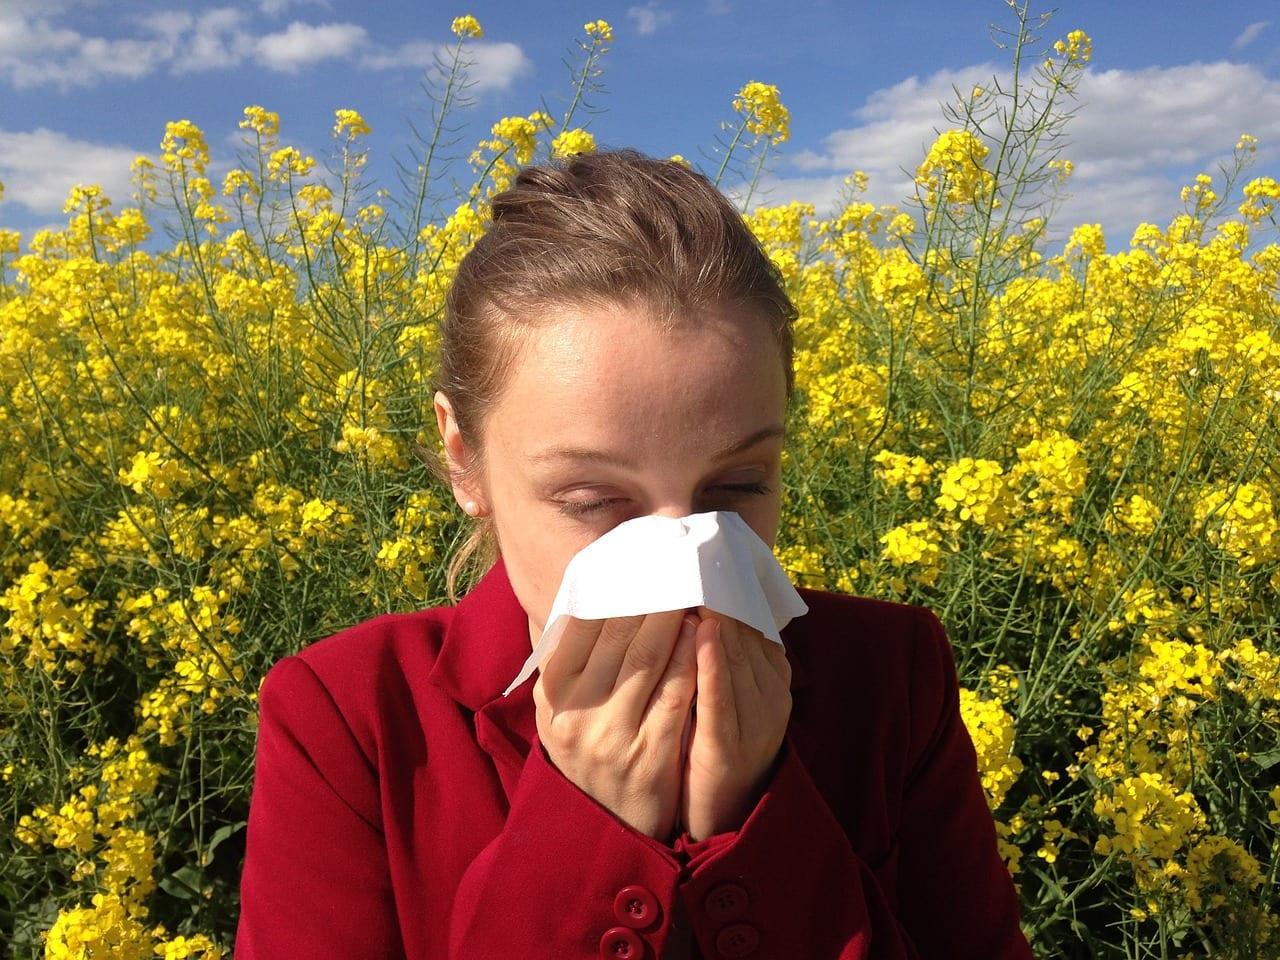 Persona con alergia al polen